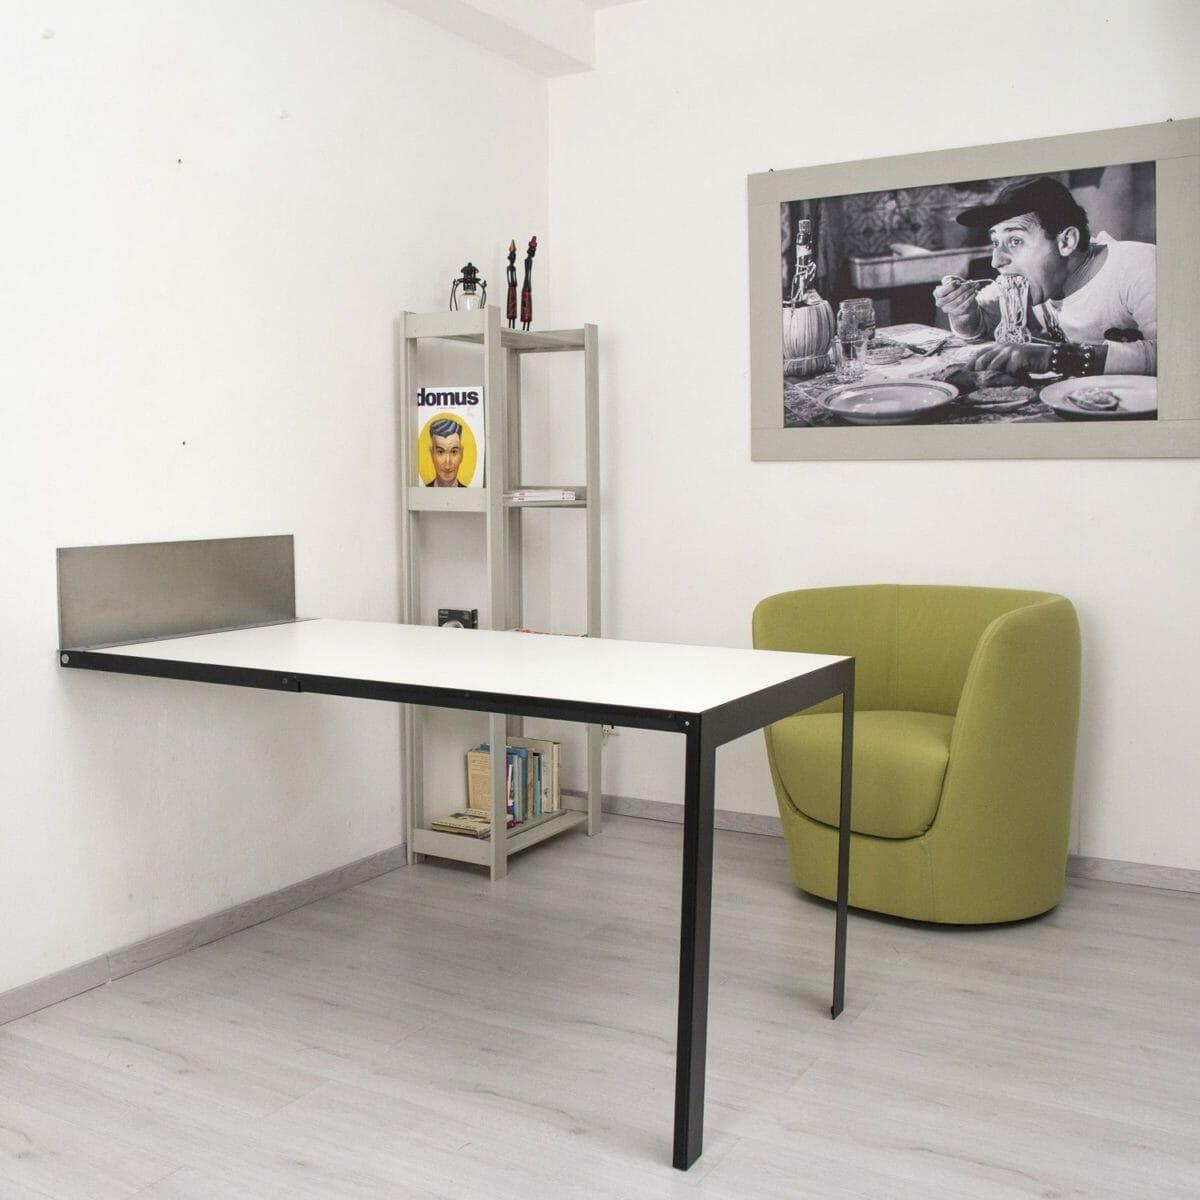 Vengio Transforming Mirror Dining Table Space Saving